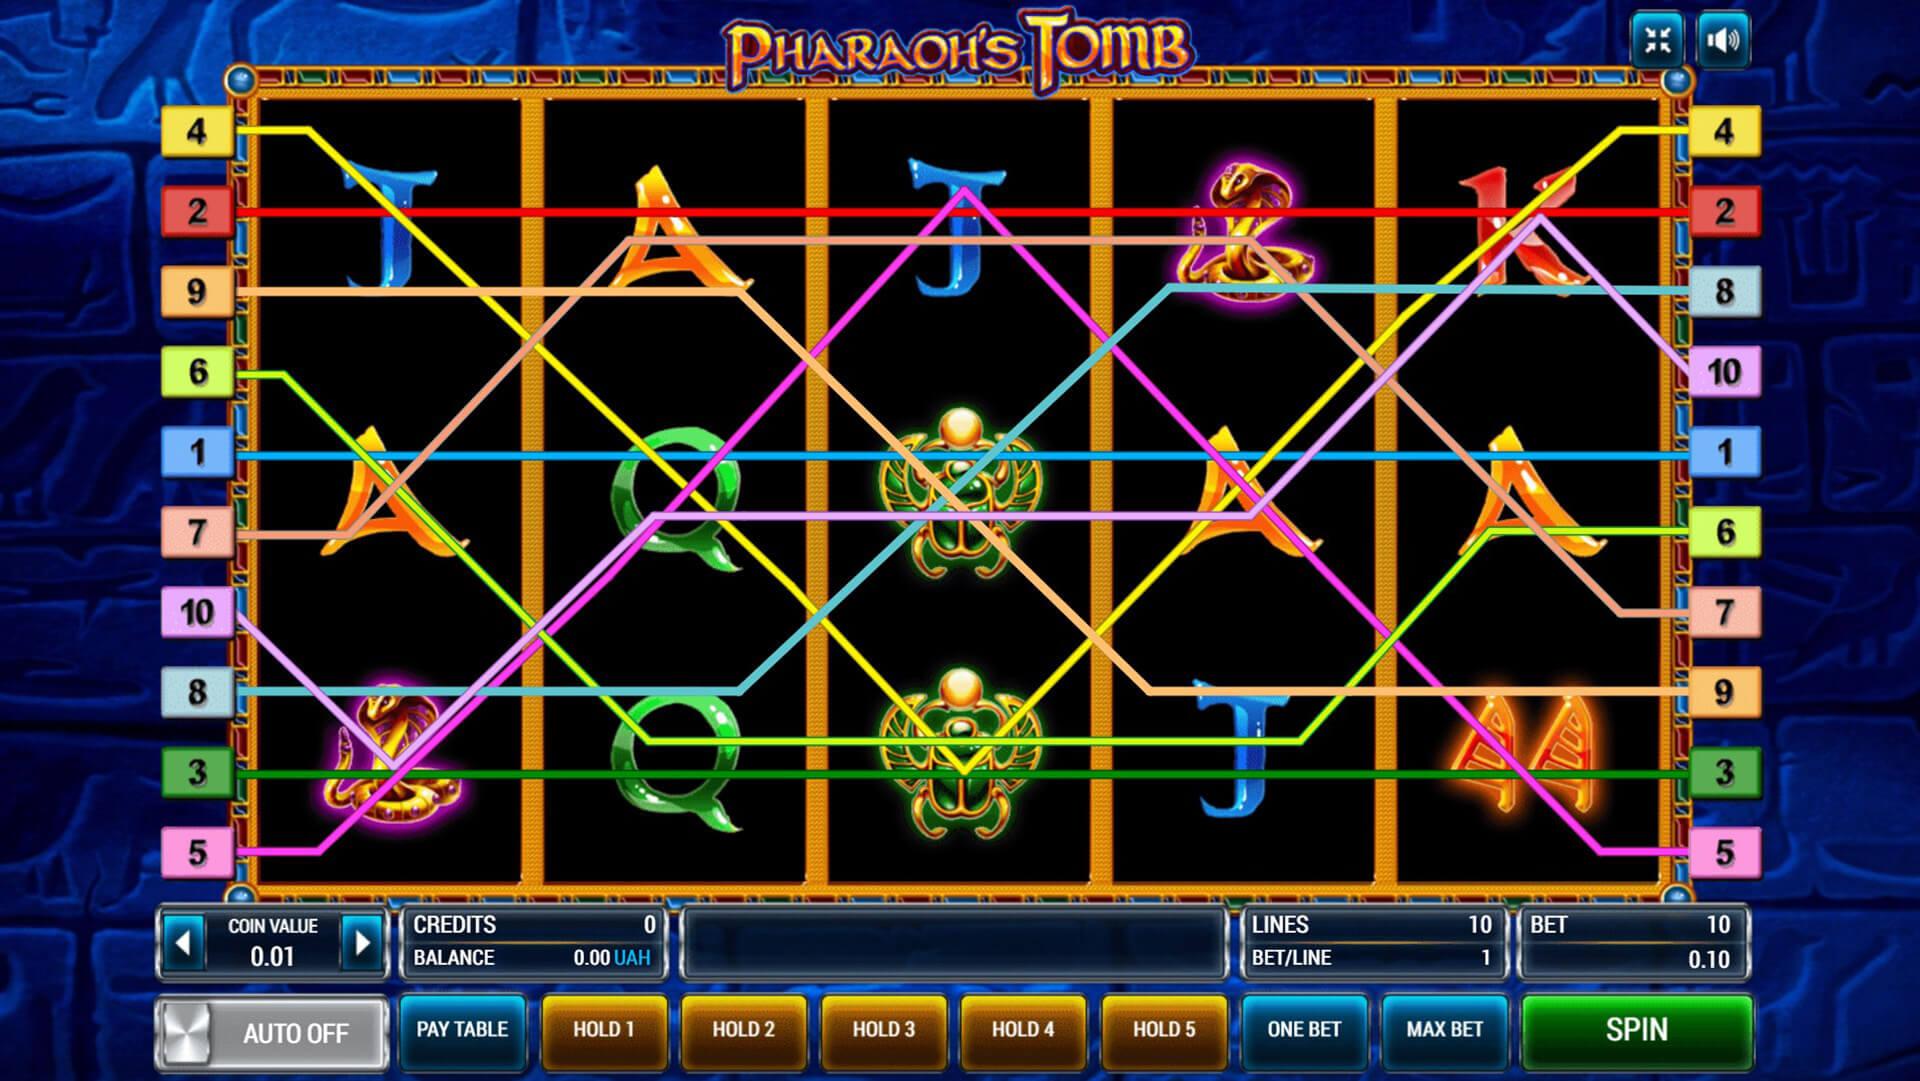 Изображение игрового автомата Pharaoh's Tomb 2